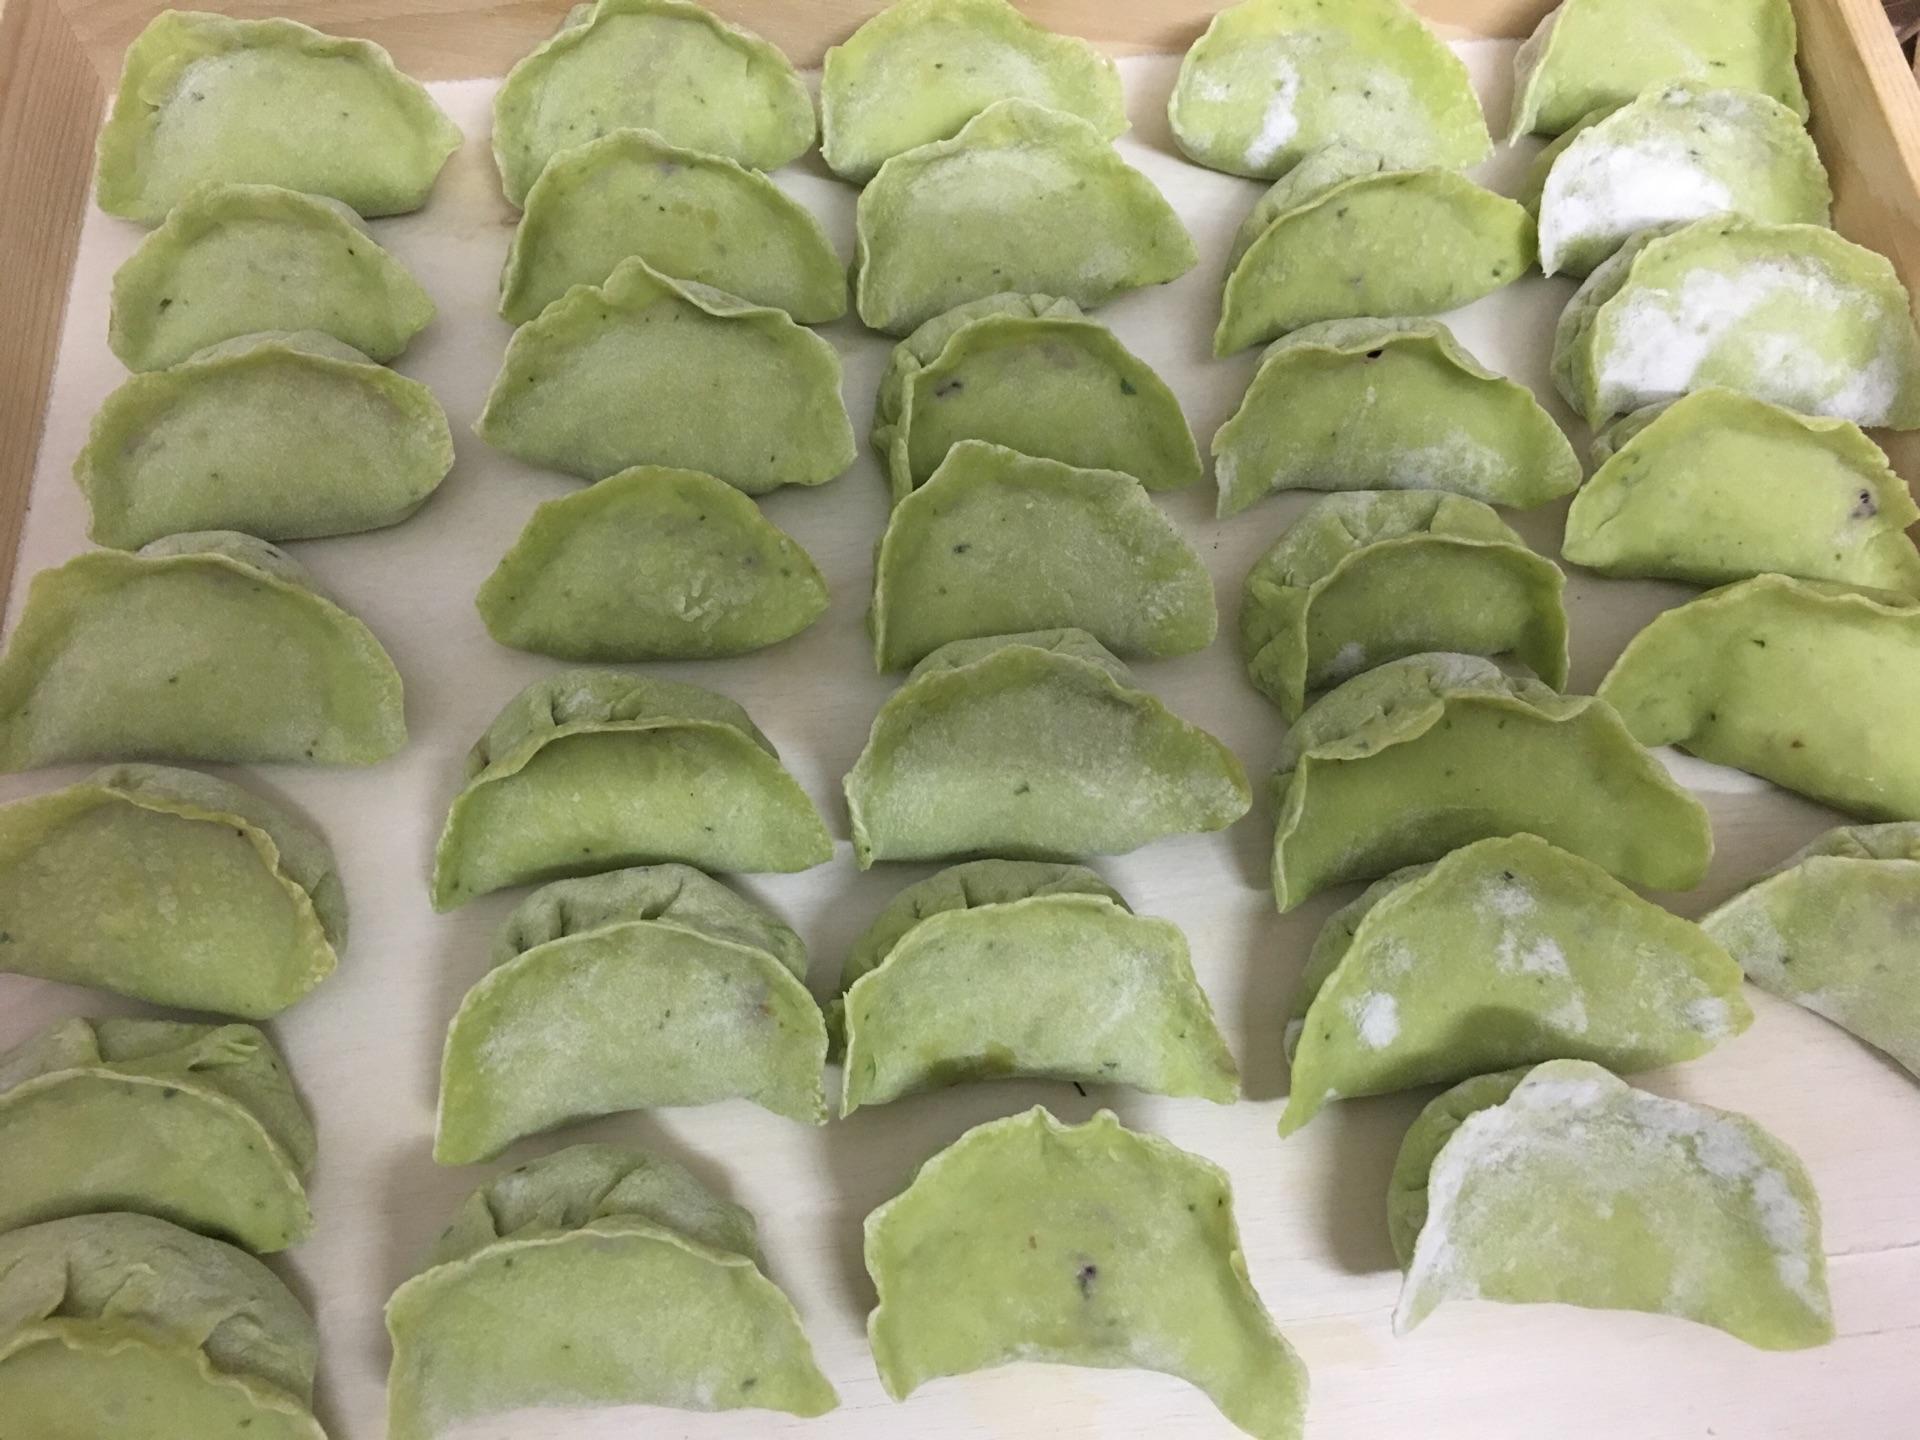 军绿色饺子(内馅黑胡萝卜毛豆品种)青食洋葱猪肉图片